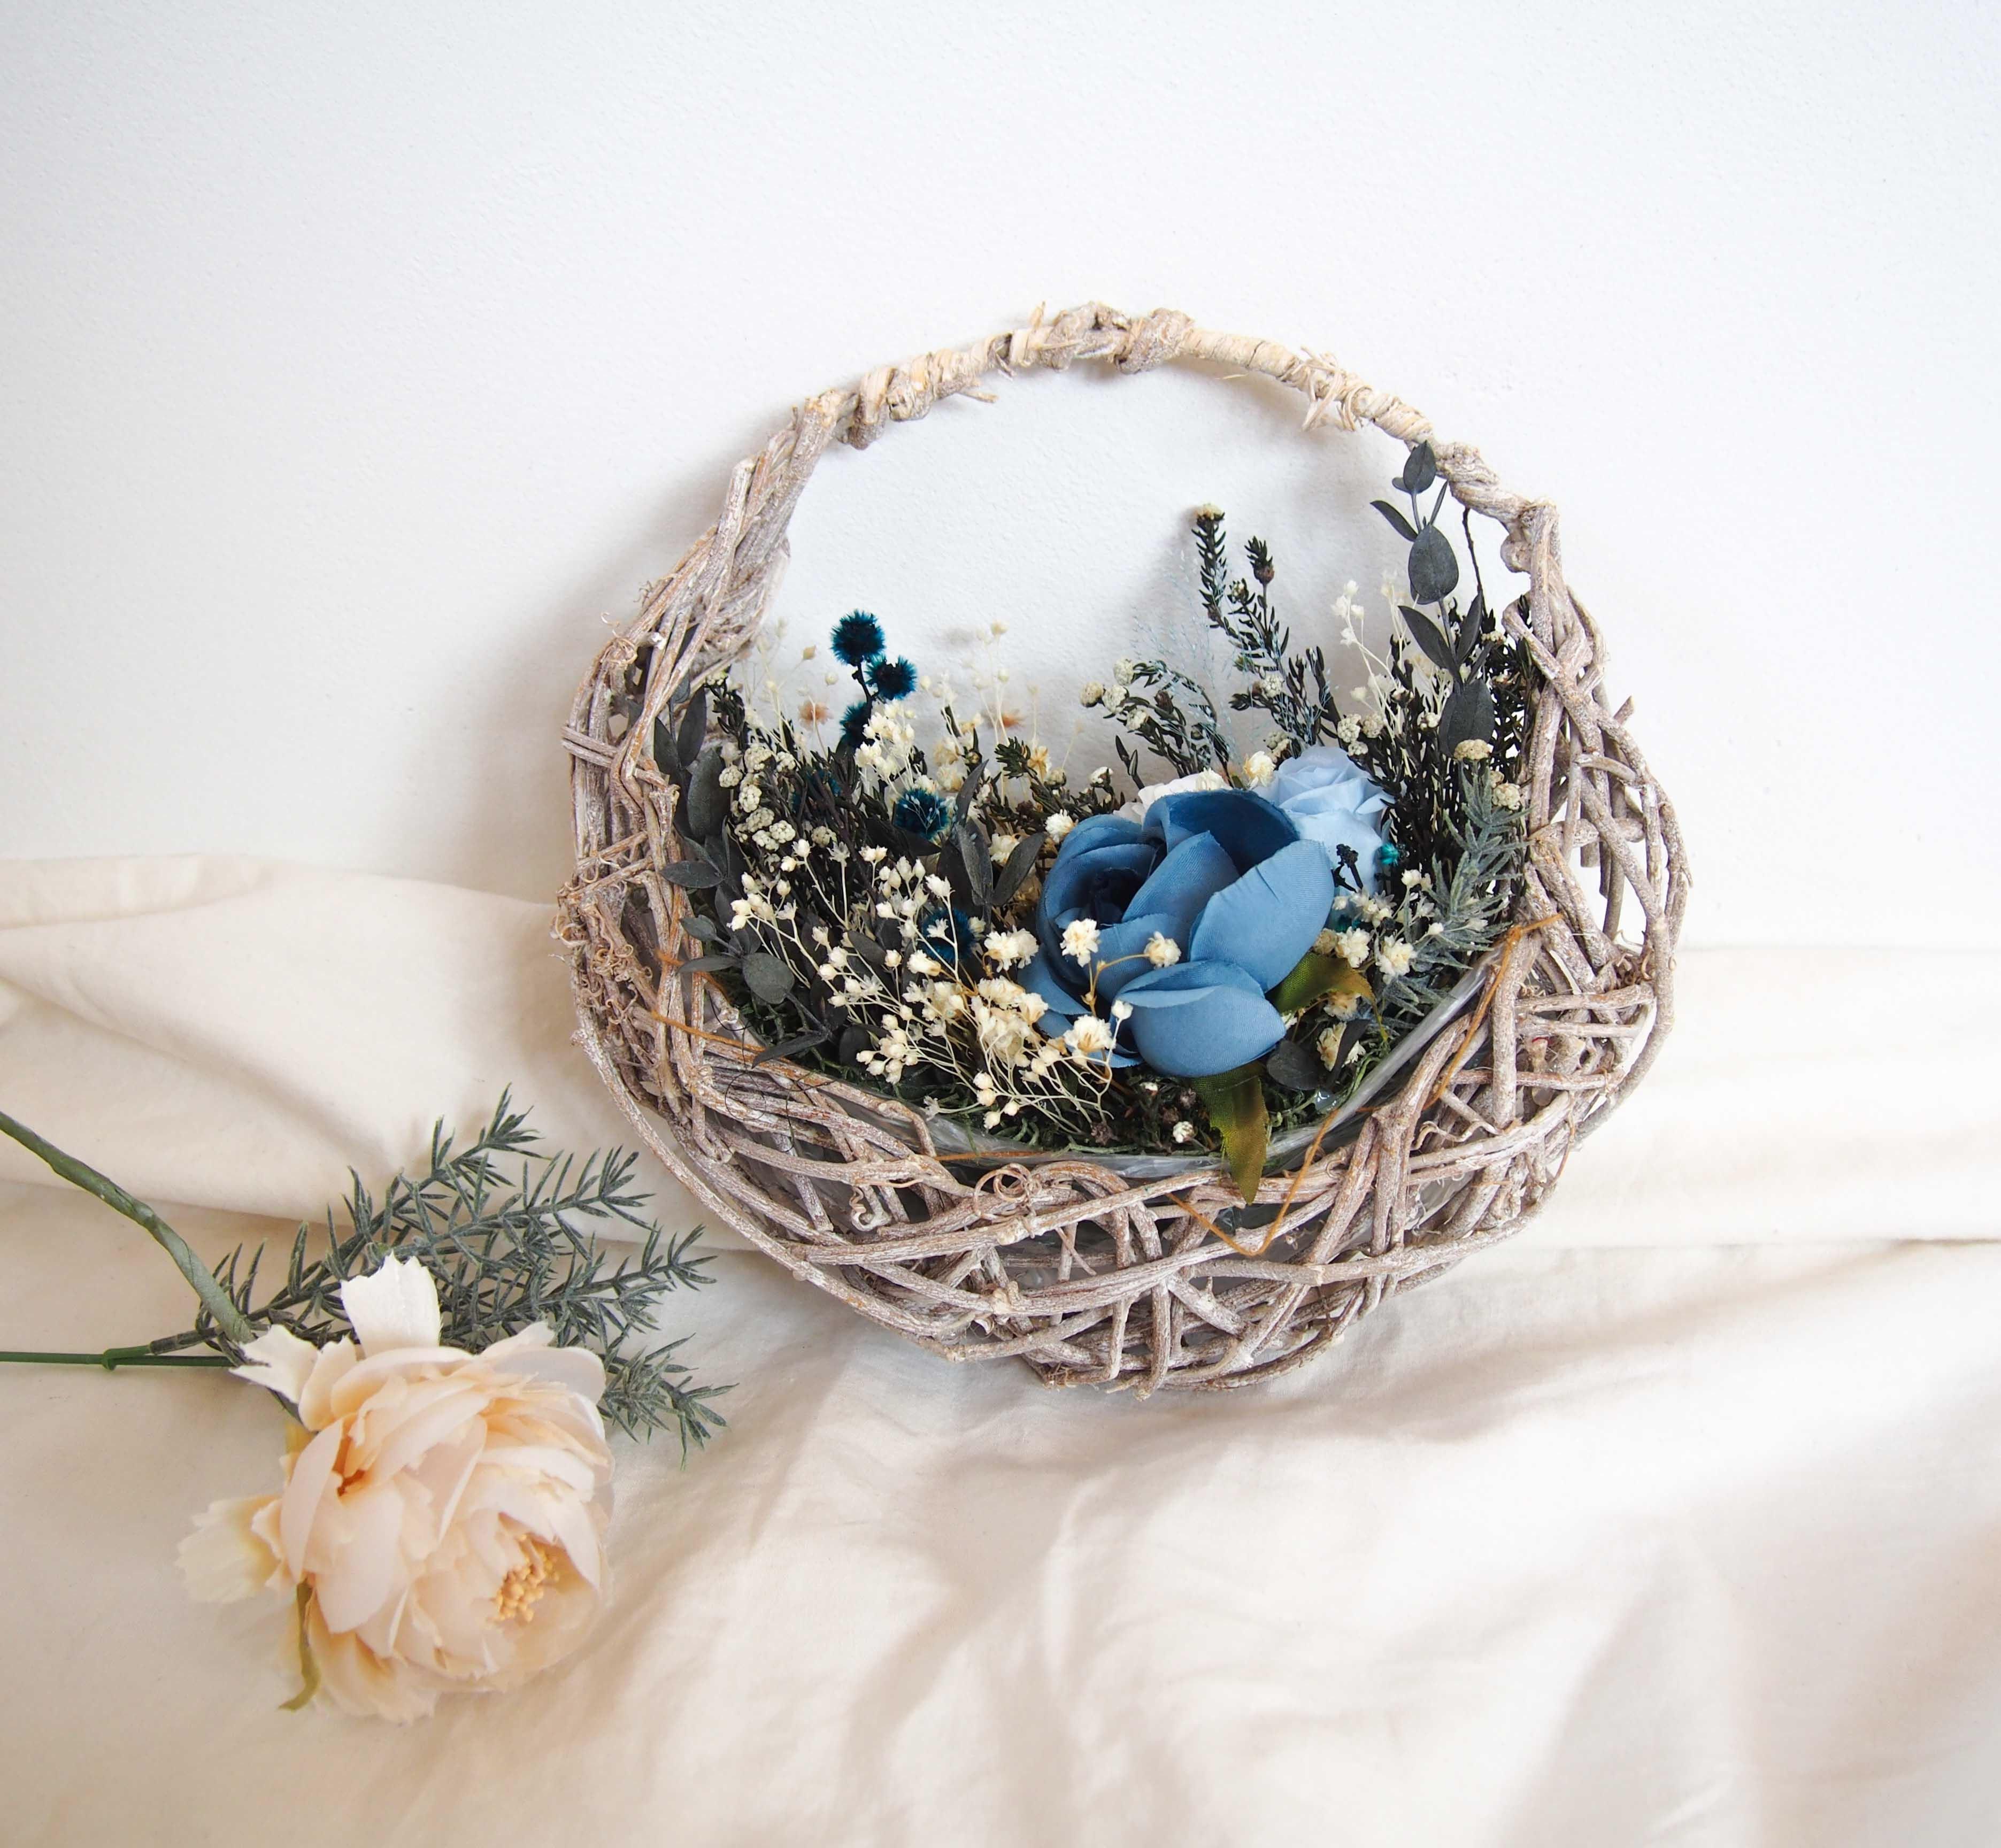 春 色 ▶︎新作 ロイヤルブルー ローズ 小さな 花摘み バスケット アレンジ リース ブーケ